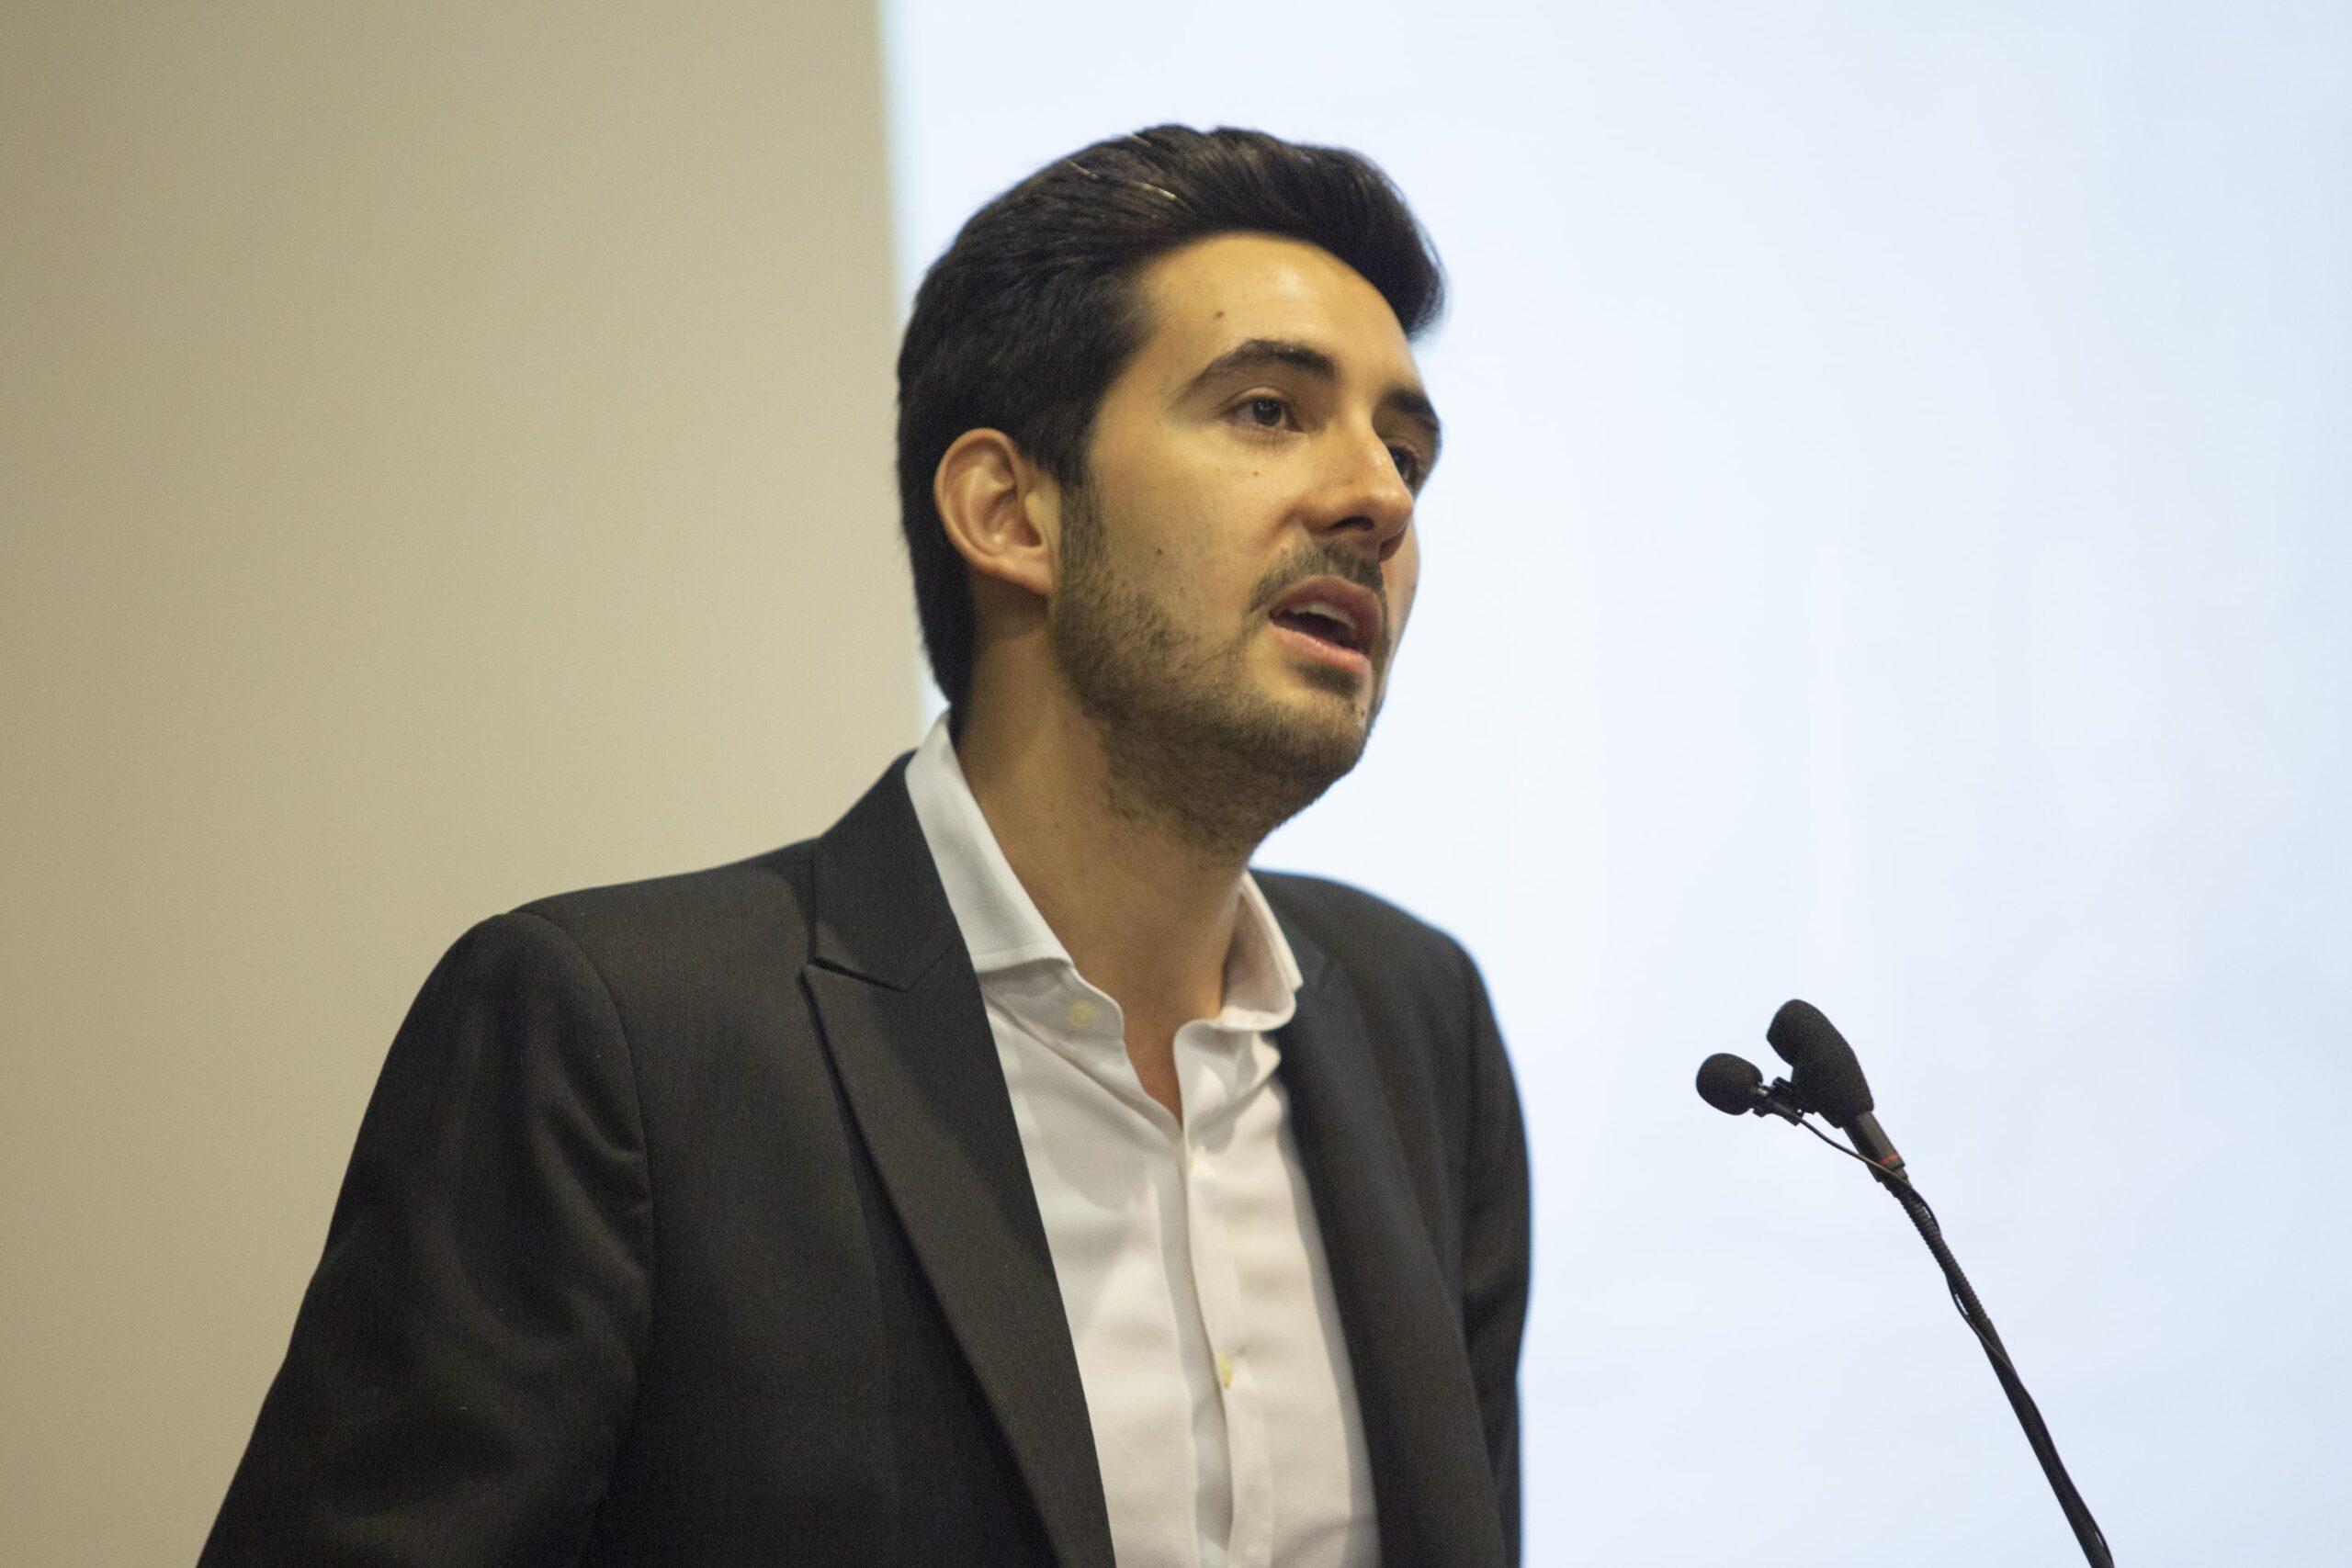 """Román Yosif: """"La pandemia y el estallido son una tremenda oportunidad para acelerar la transformación del Estado"""""""